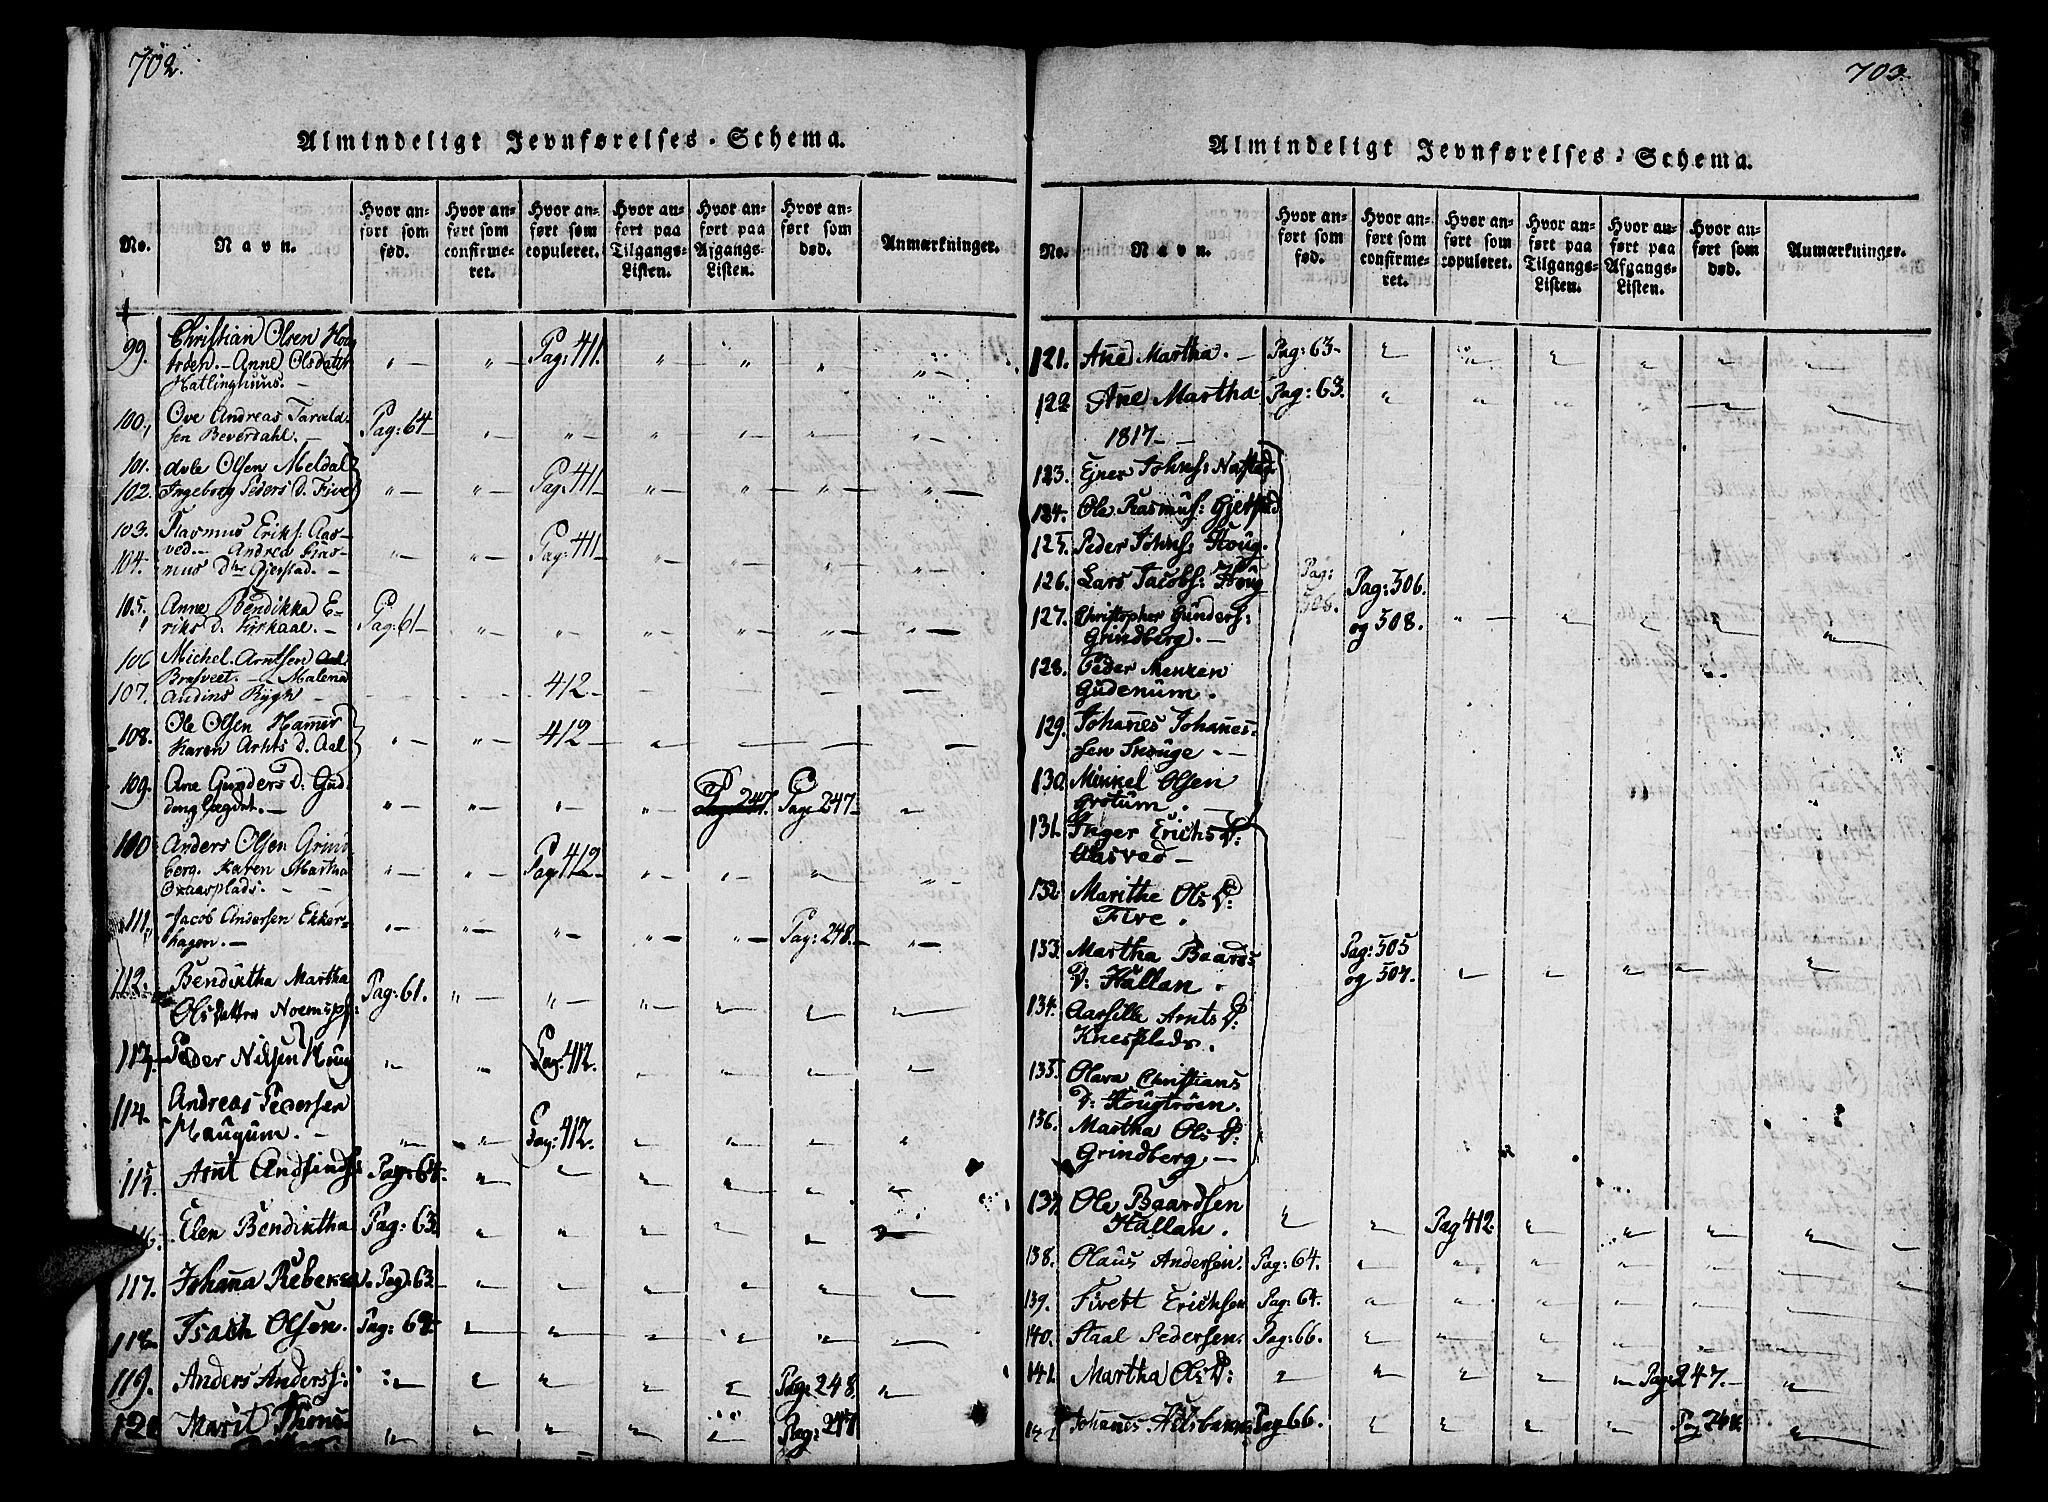 SAT, Ministerialprotokoller, klokkerbøker og fødselsregistre - Nord-Trøndelag, 746/L0441: Ministerialbok nr. 746A03 /2, 1816-1827, s. 702-703